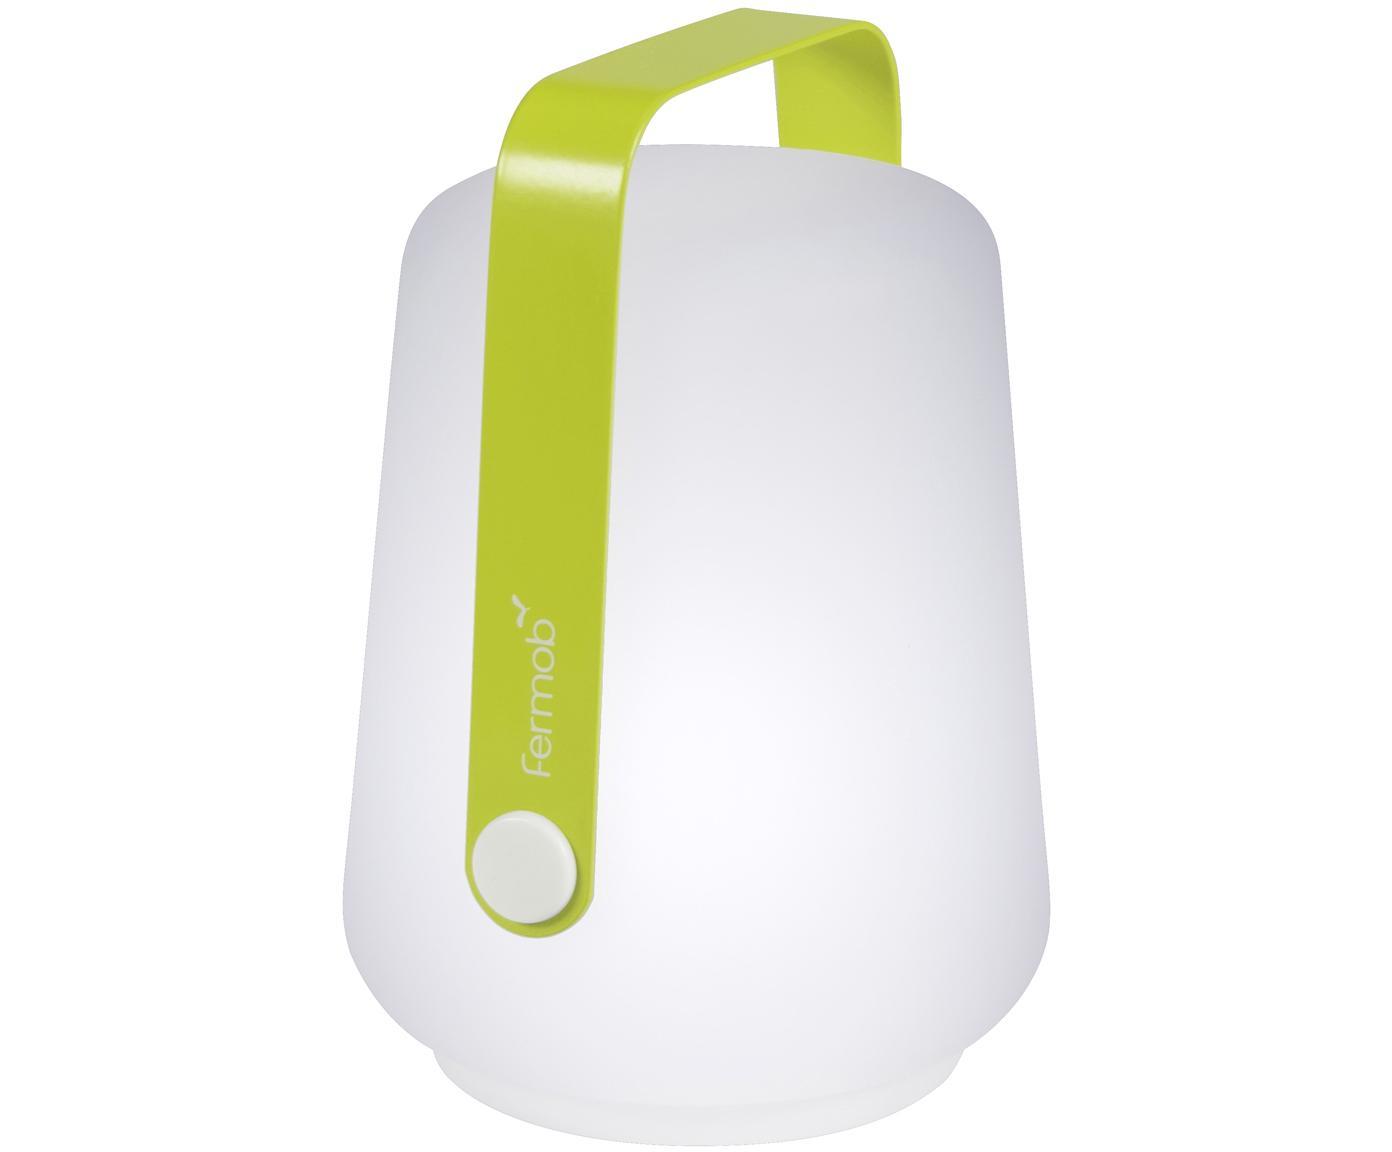 Zewnętrzna mobilna lampa LED Balad, 3 szt., Jasny zielony, Ø 10 x W 13 cm